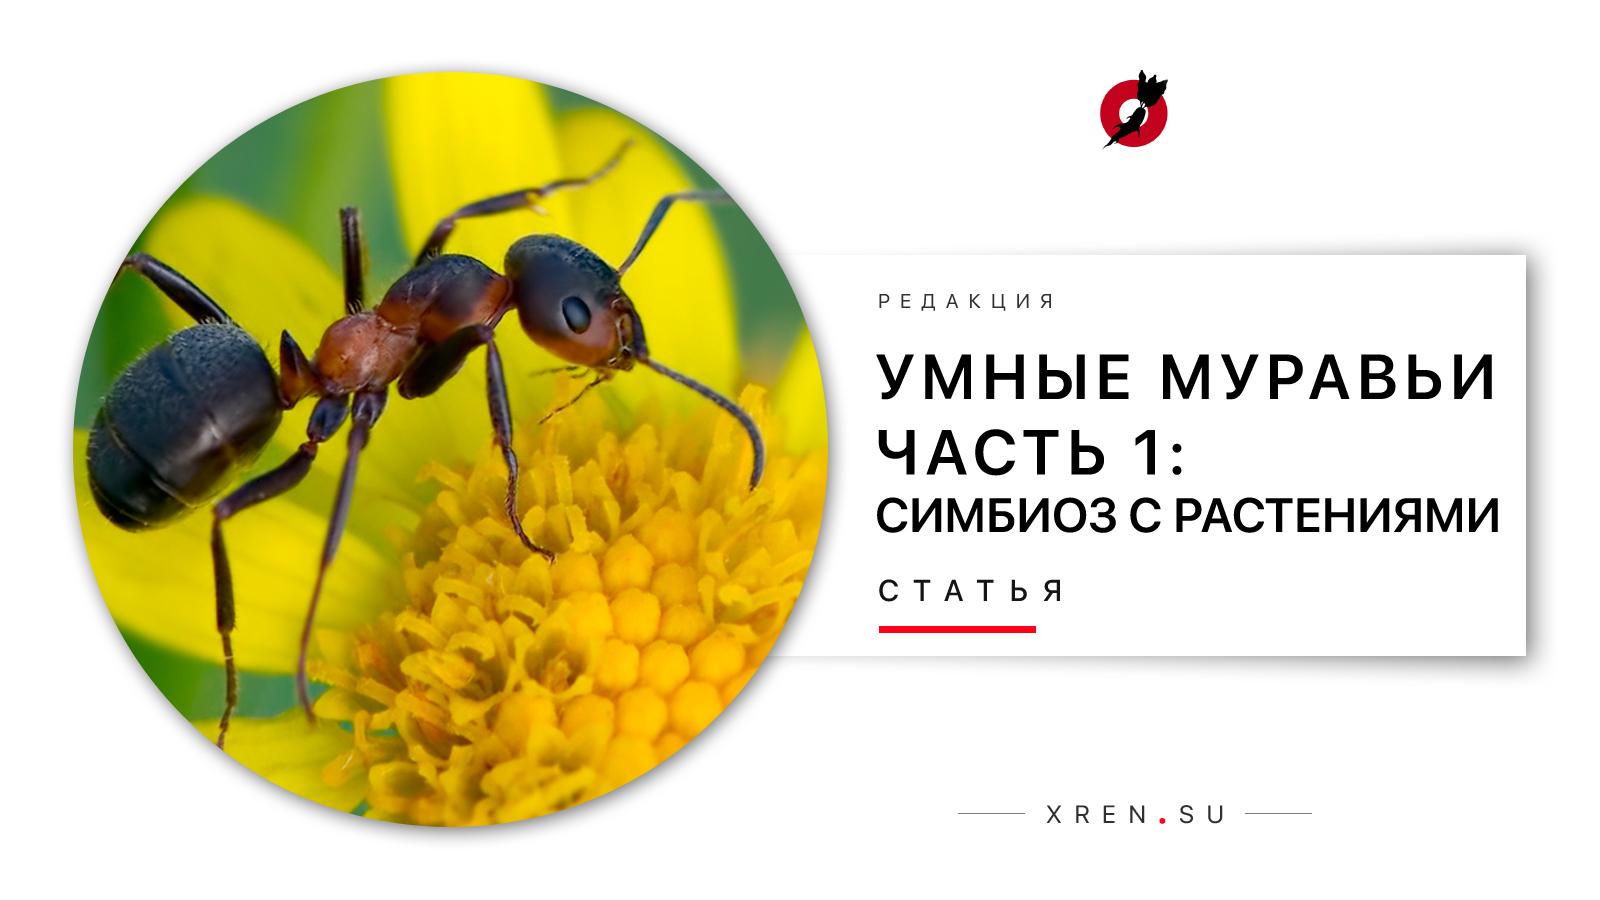 Умные муравьи. Часть 1: Симбиоз с растениями